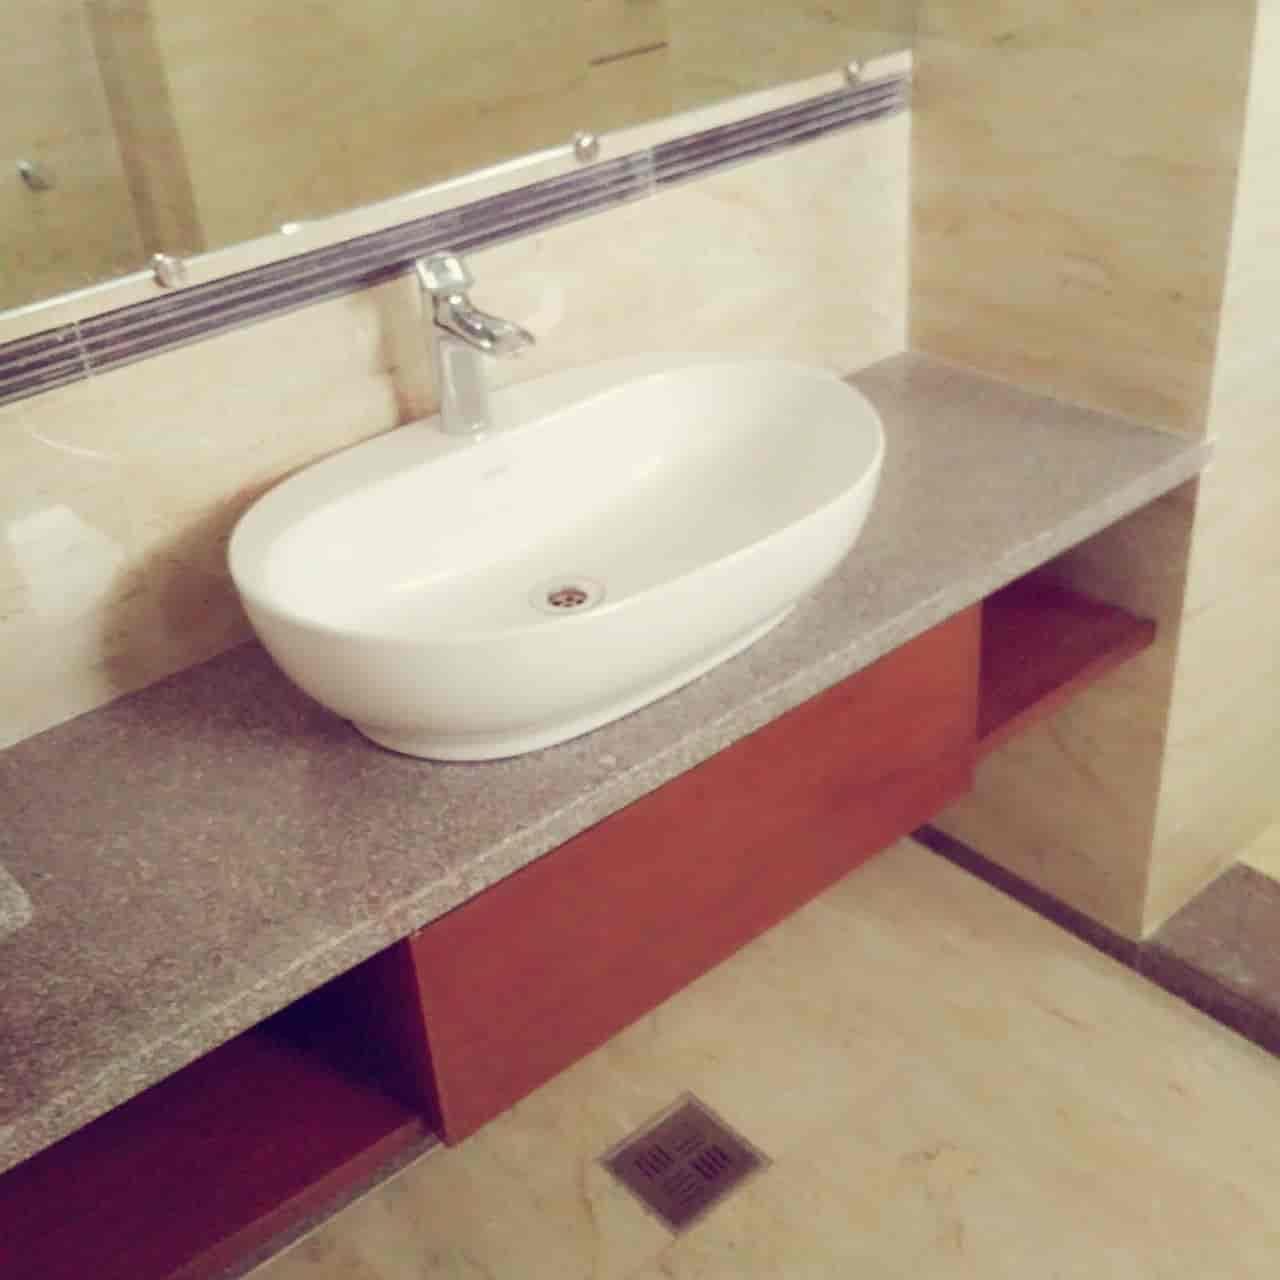 Durgaram Gujar Flooring And Fitting Contractors Photos Shivaji - Bathroom installation contractors